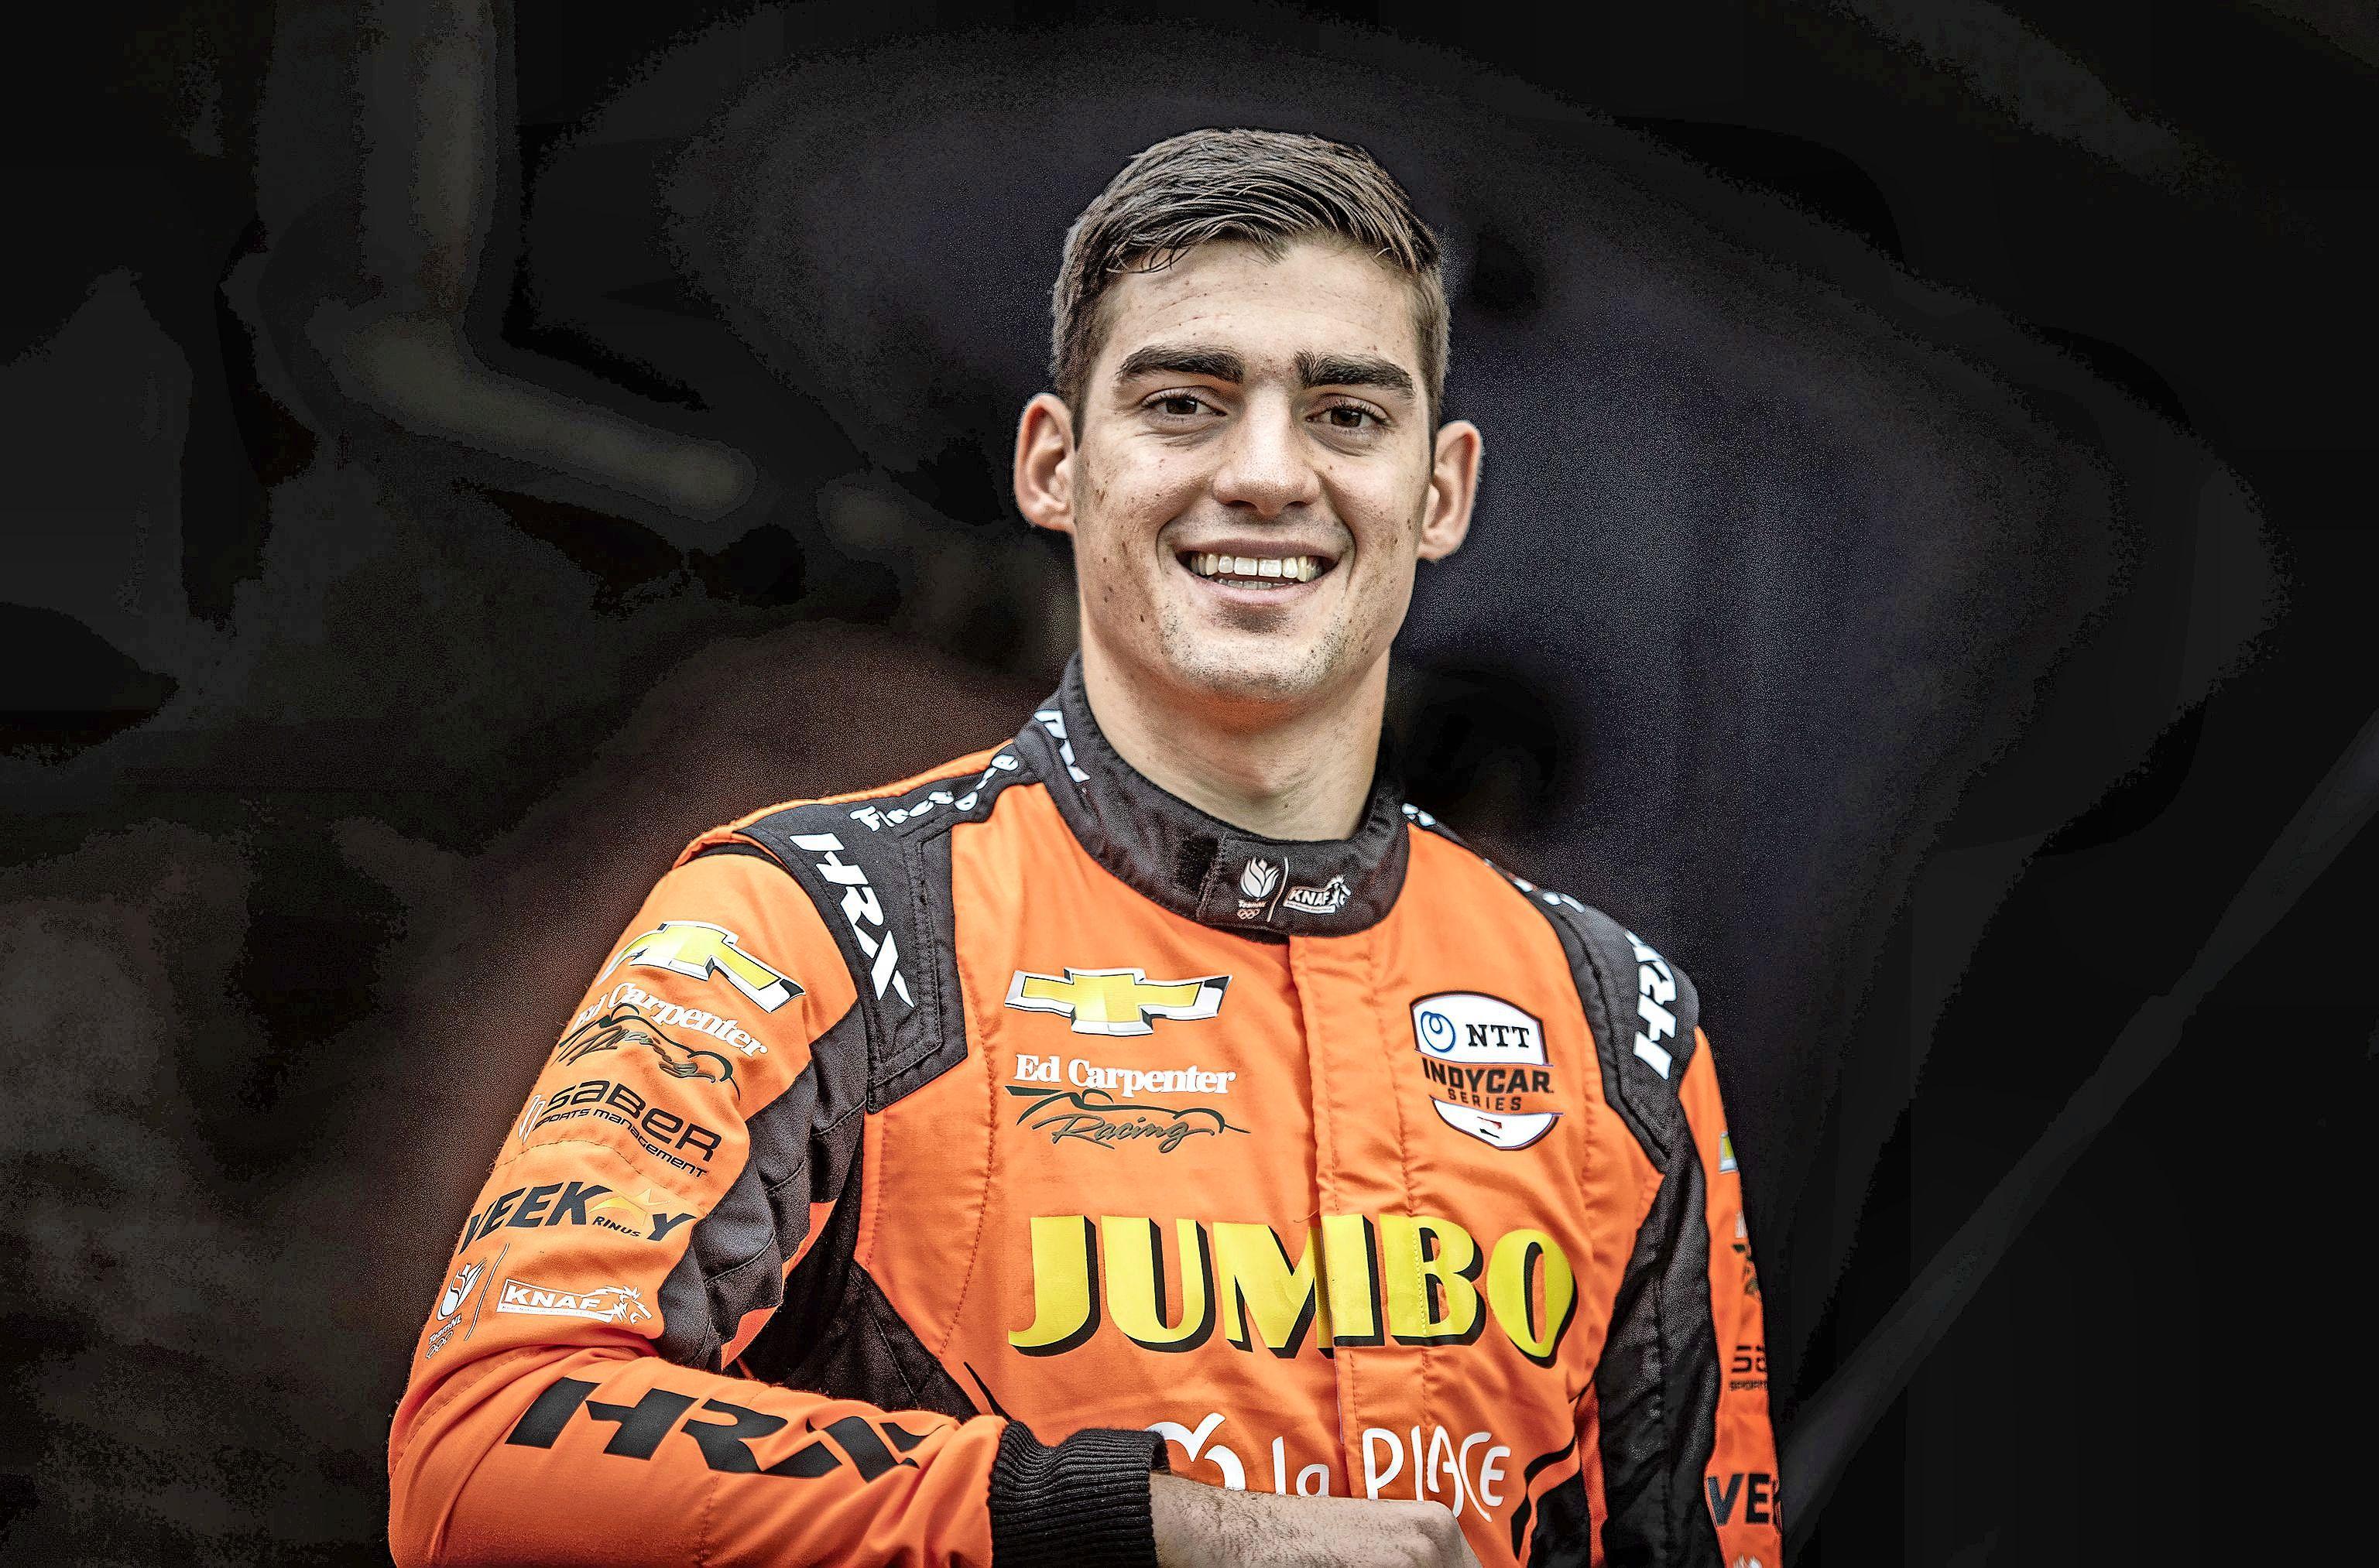 Coureur Rinus van Kalmthout tweede in knotsgekke Detroit Grand Prix [video]